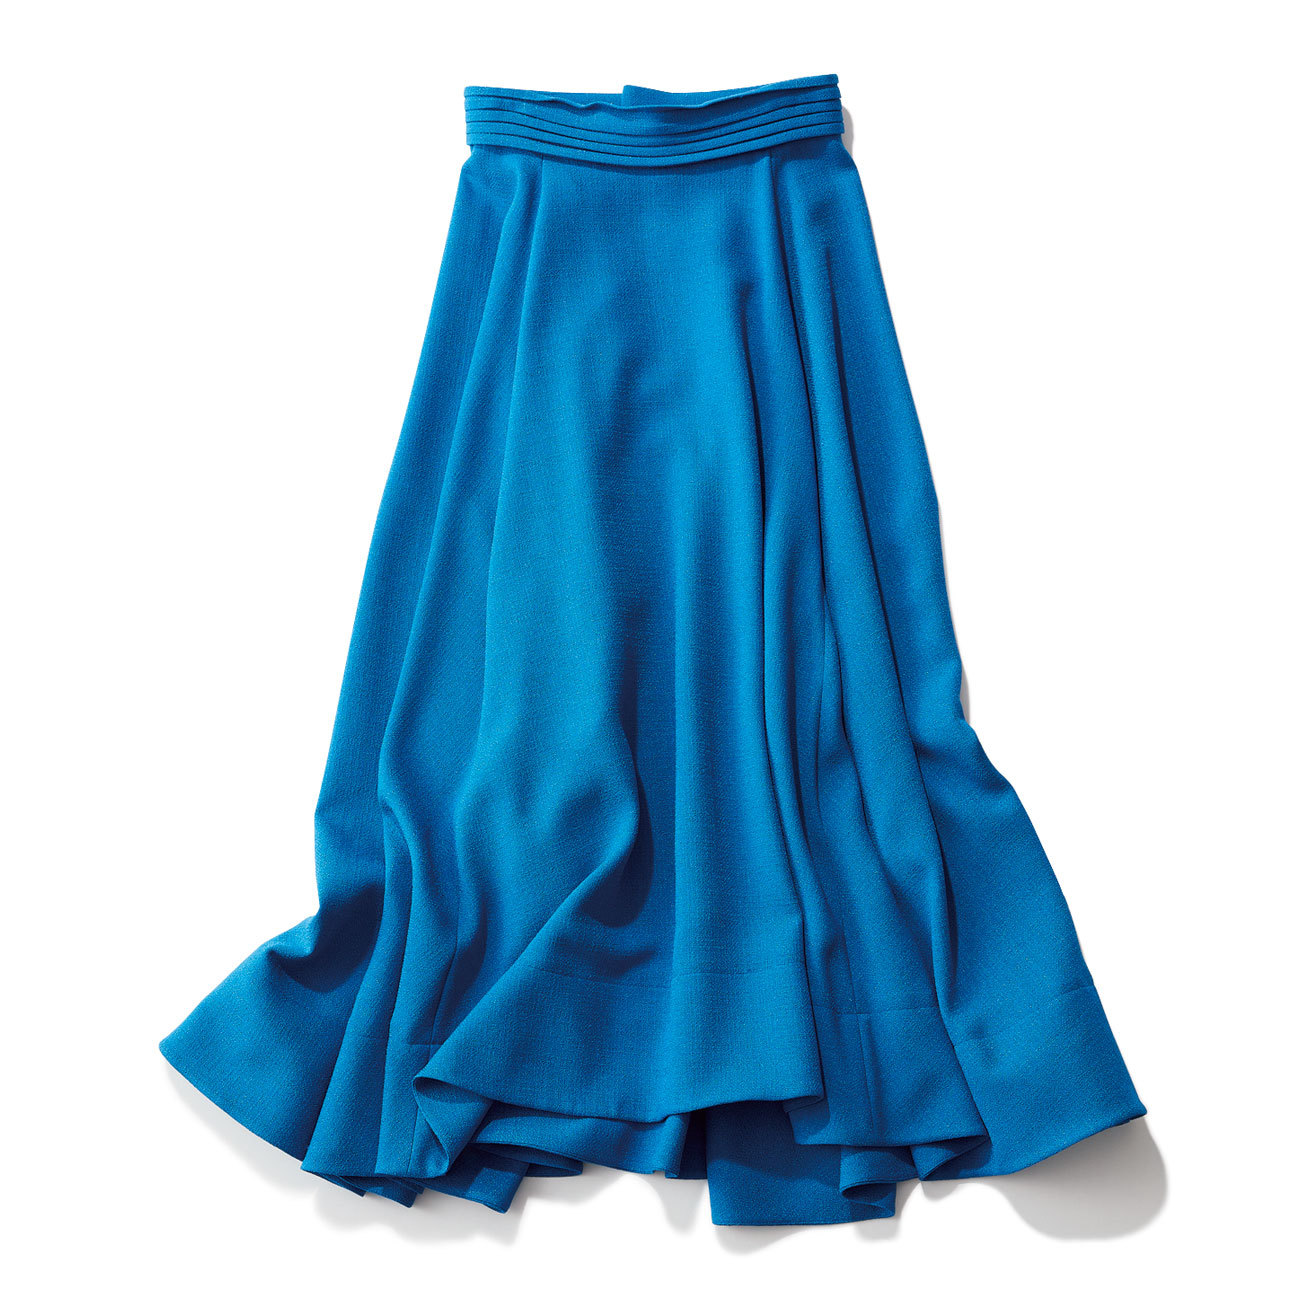 エブールの鮮やかブルー揺れ感スカート